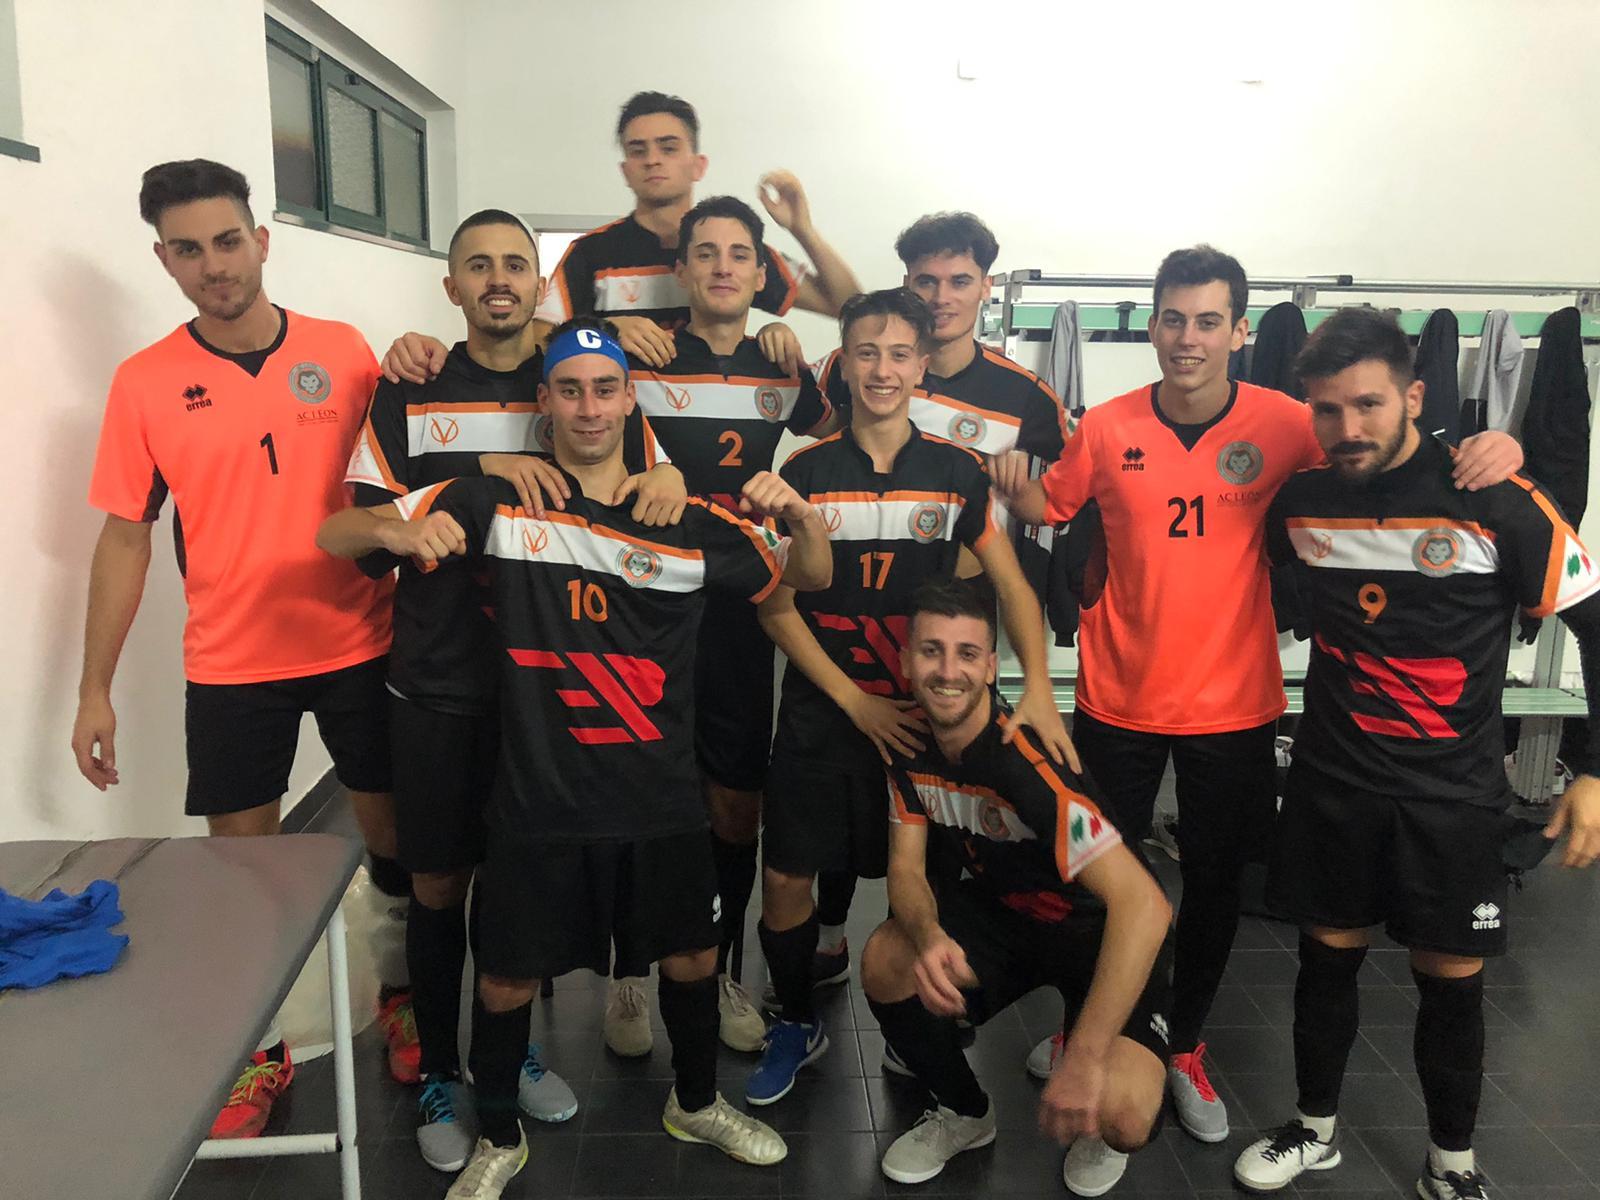 CALCIO A 5 SERIE C1 7a di campionato: LEON vs MAZZO 4-1 (PT 2-0)